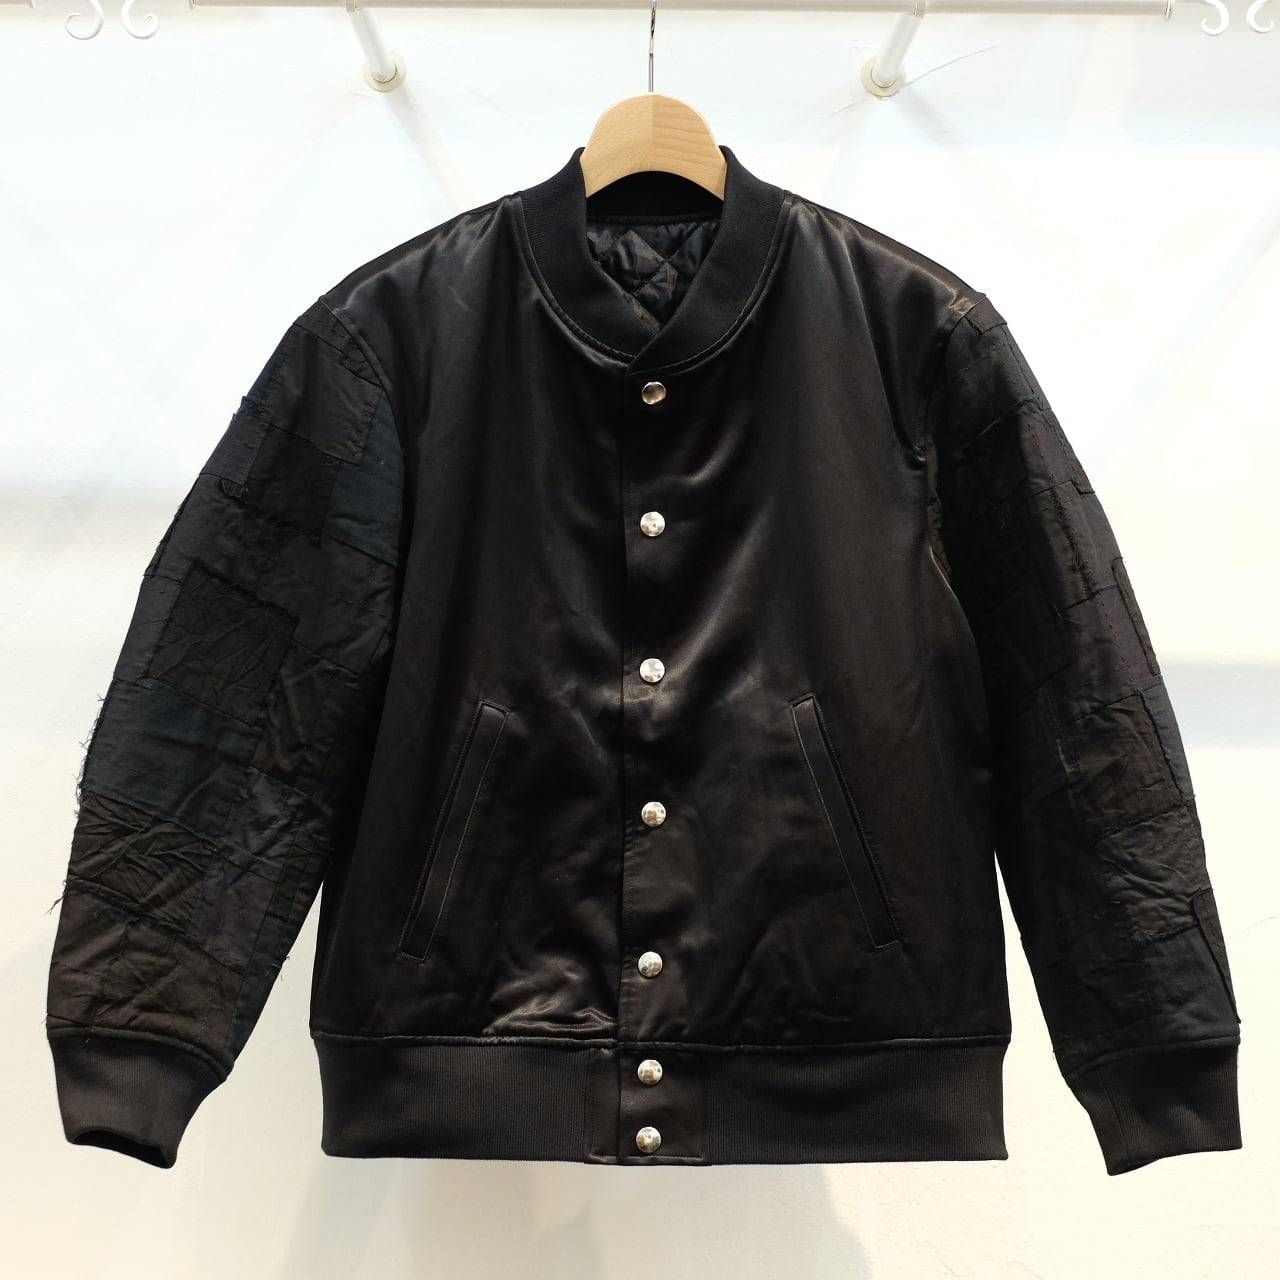 KUON(クオン) 袖アップサイクル スカジャン ブラック